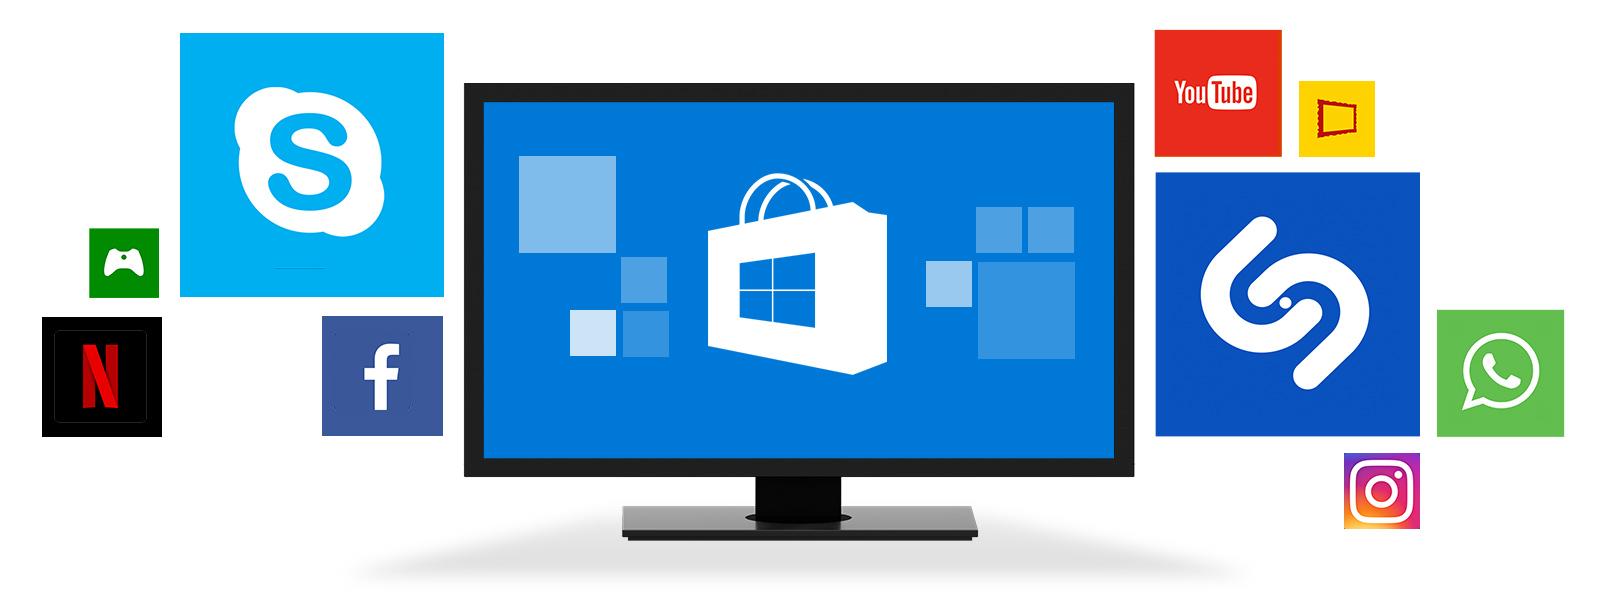 Ein Windows-Gerät mit mehreren angeordneten App-Kacheln